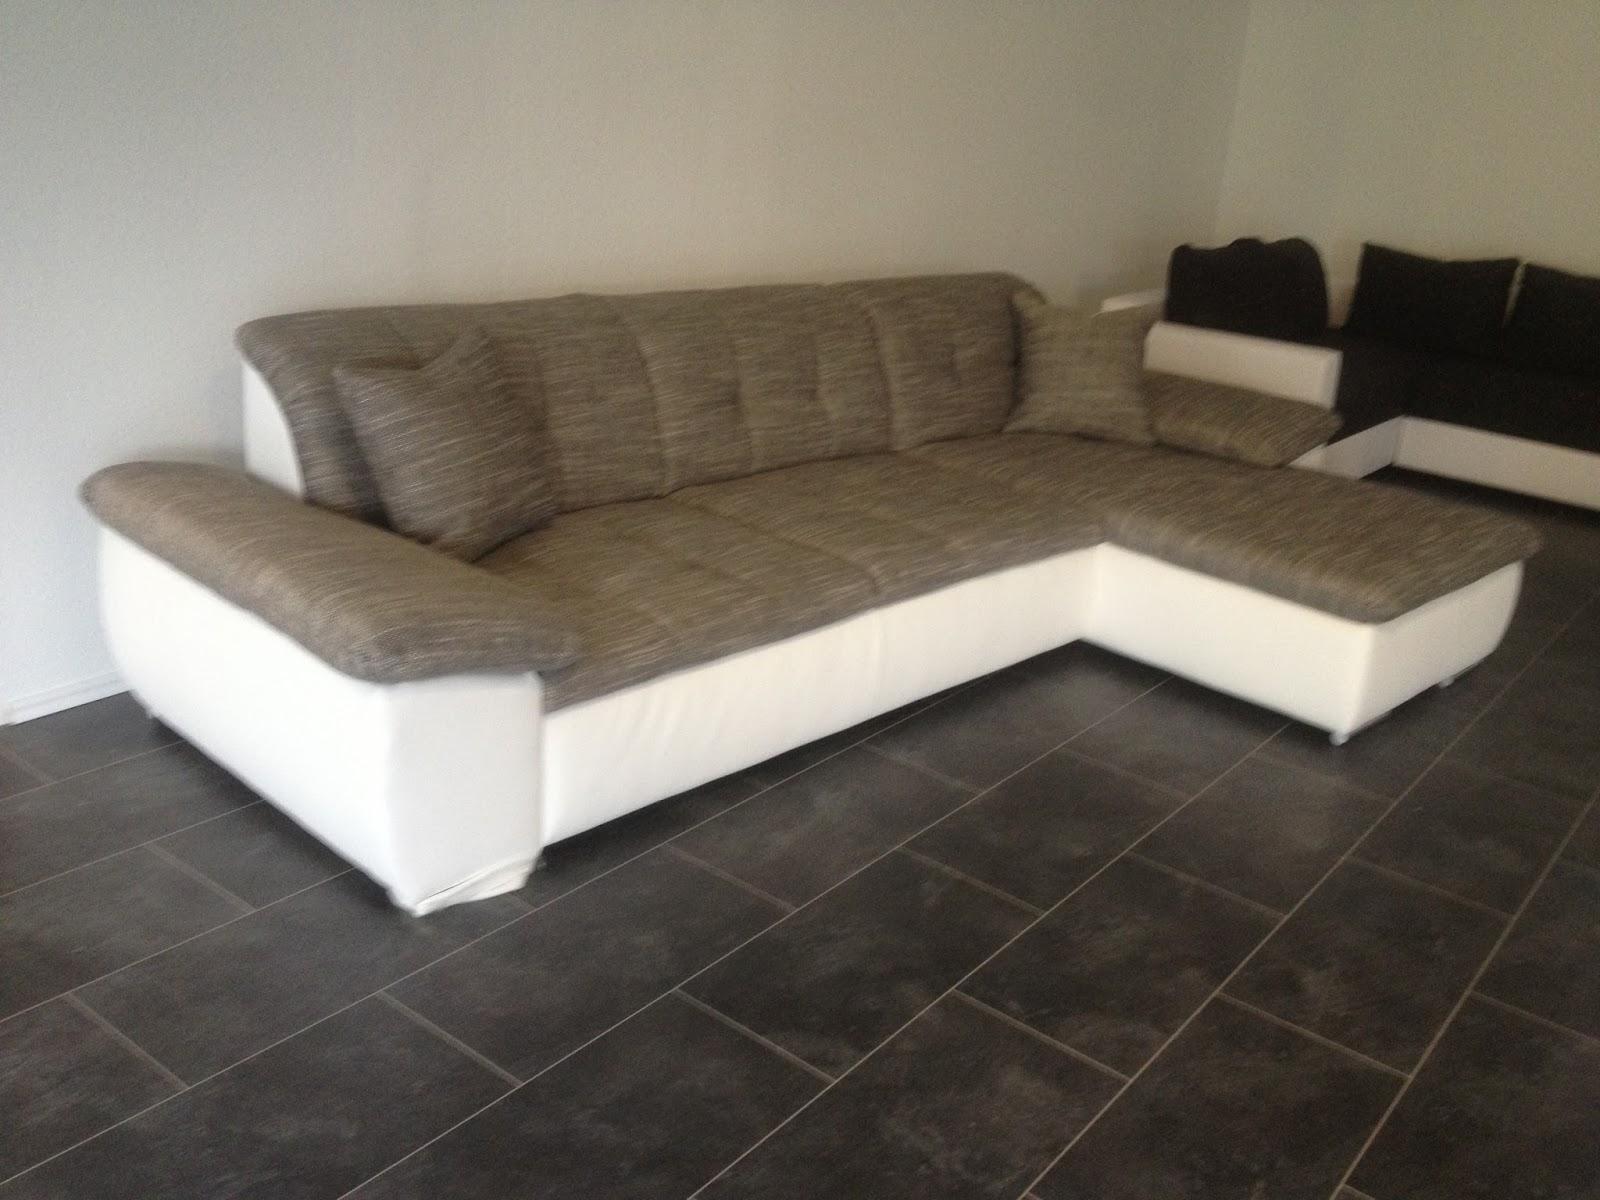 www.xl-sofa.de